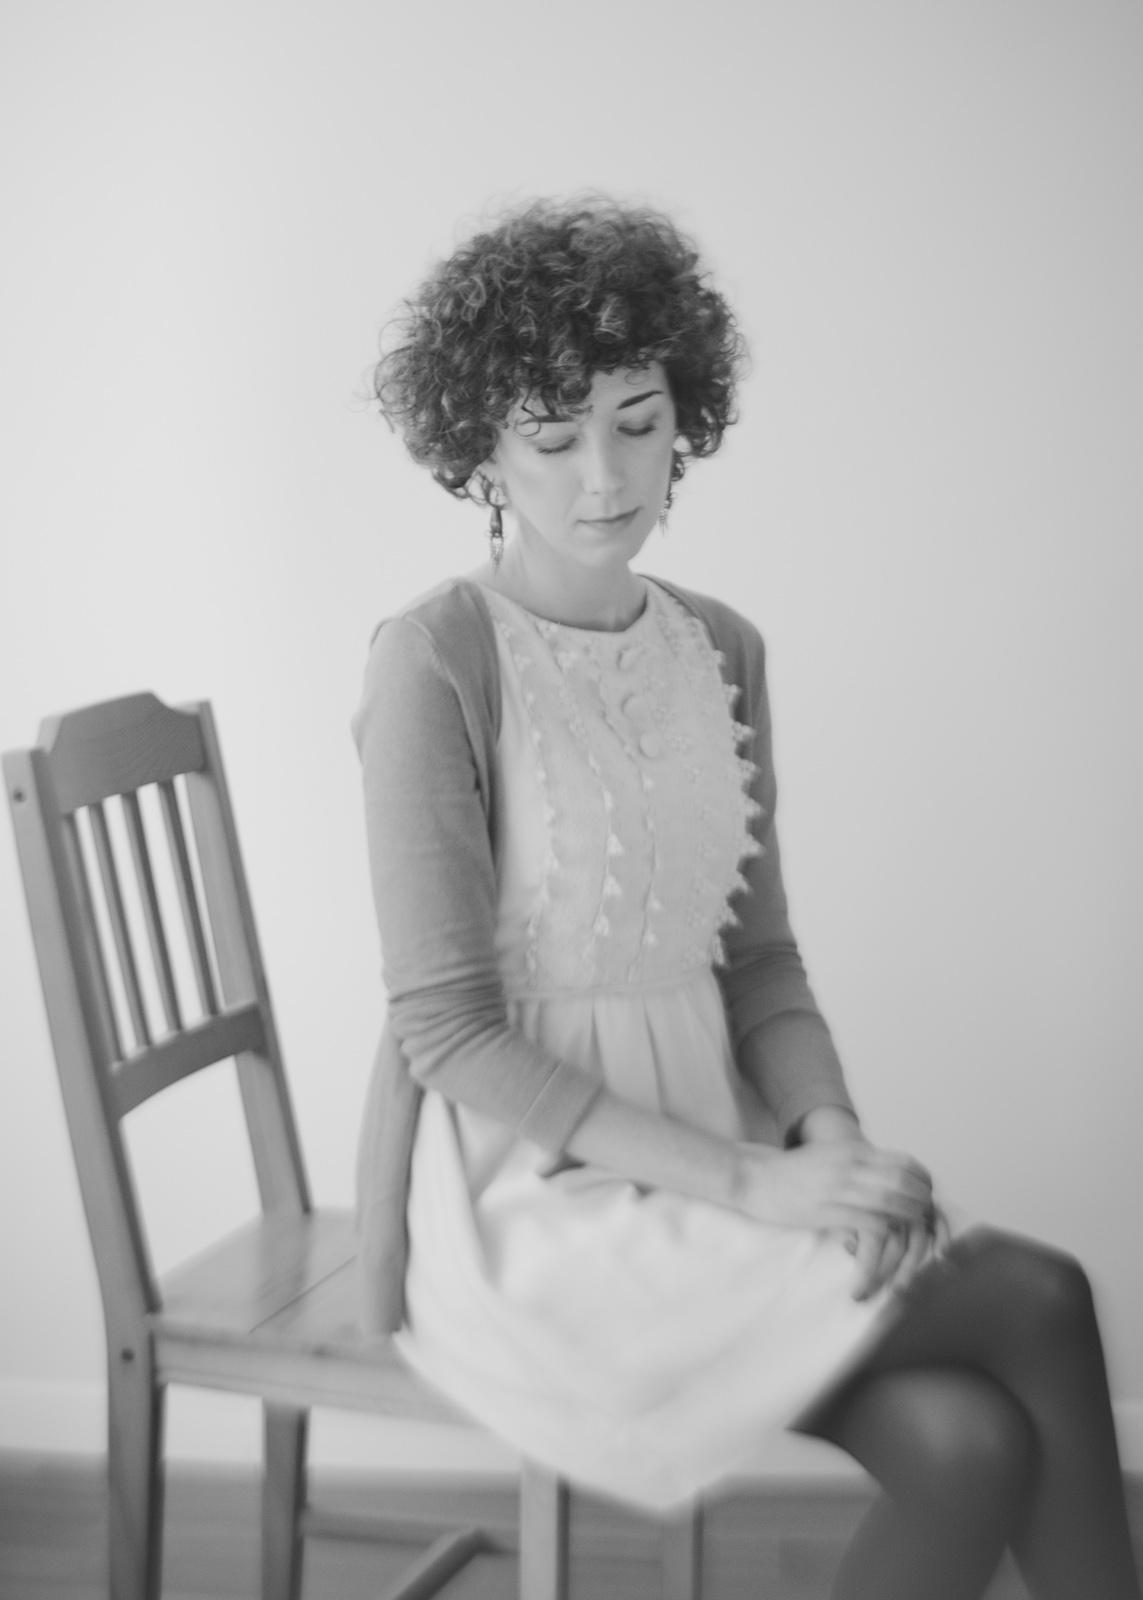 Fotografia portretowa. Podwójny portret na krześle. fot. Łukasz Cyrus, Ruda Śląska